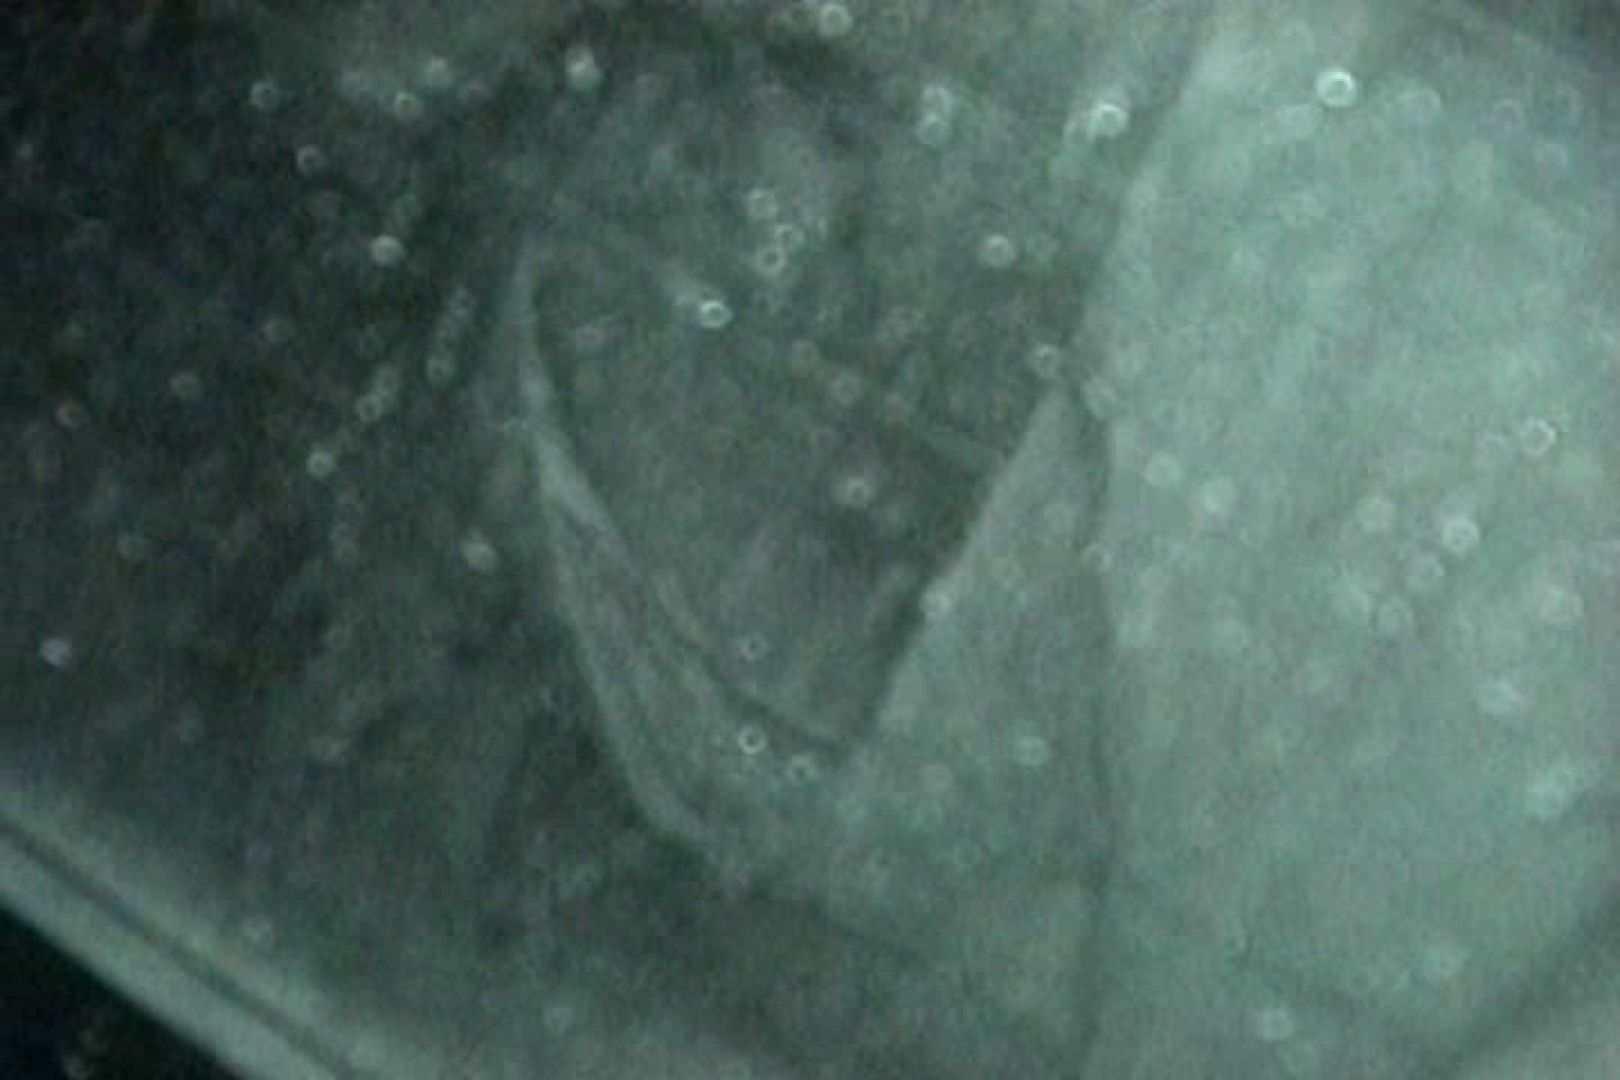 充血監督の深夜の運動会Vol.146 カップルのセックス エロ画像 94PIX 83